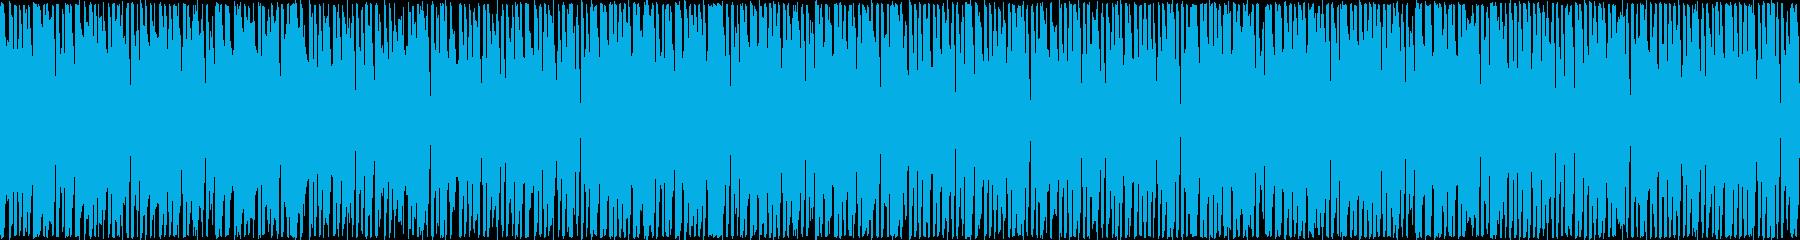 パズルゲームに 明るくお洒落でポップの再生済みの波形